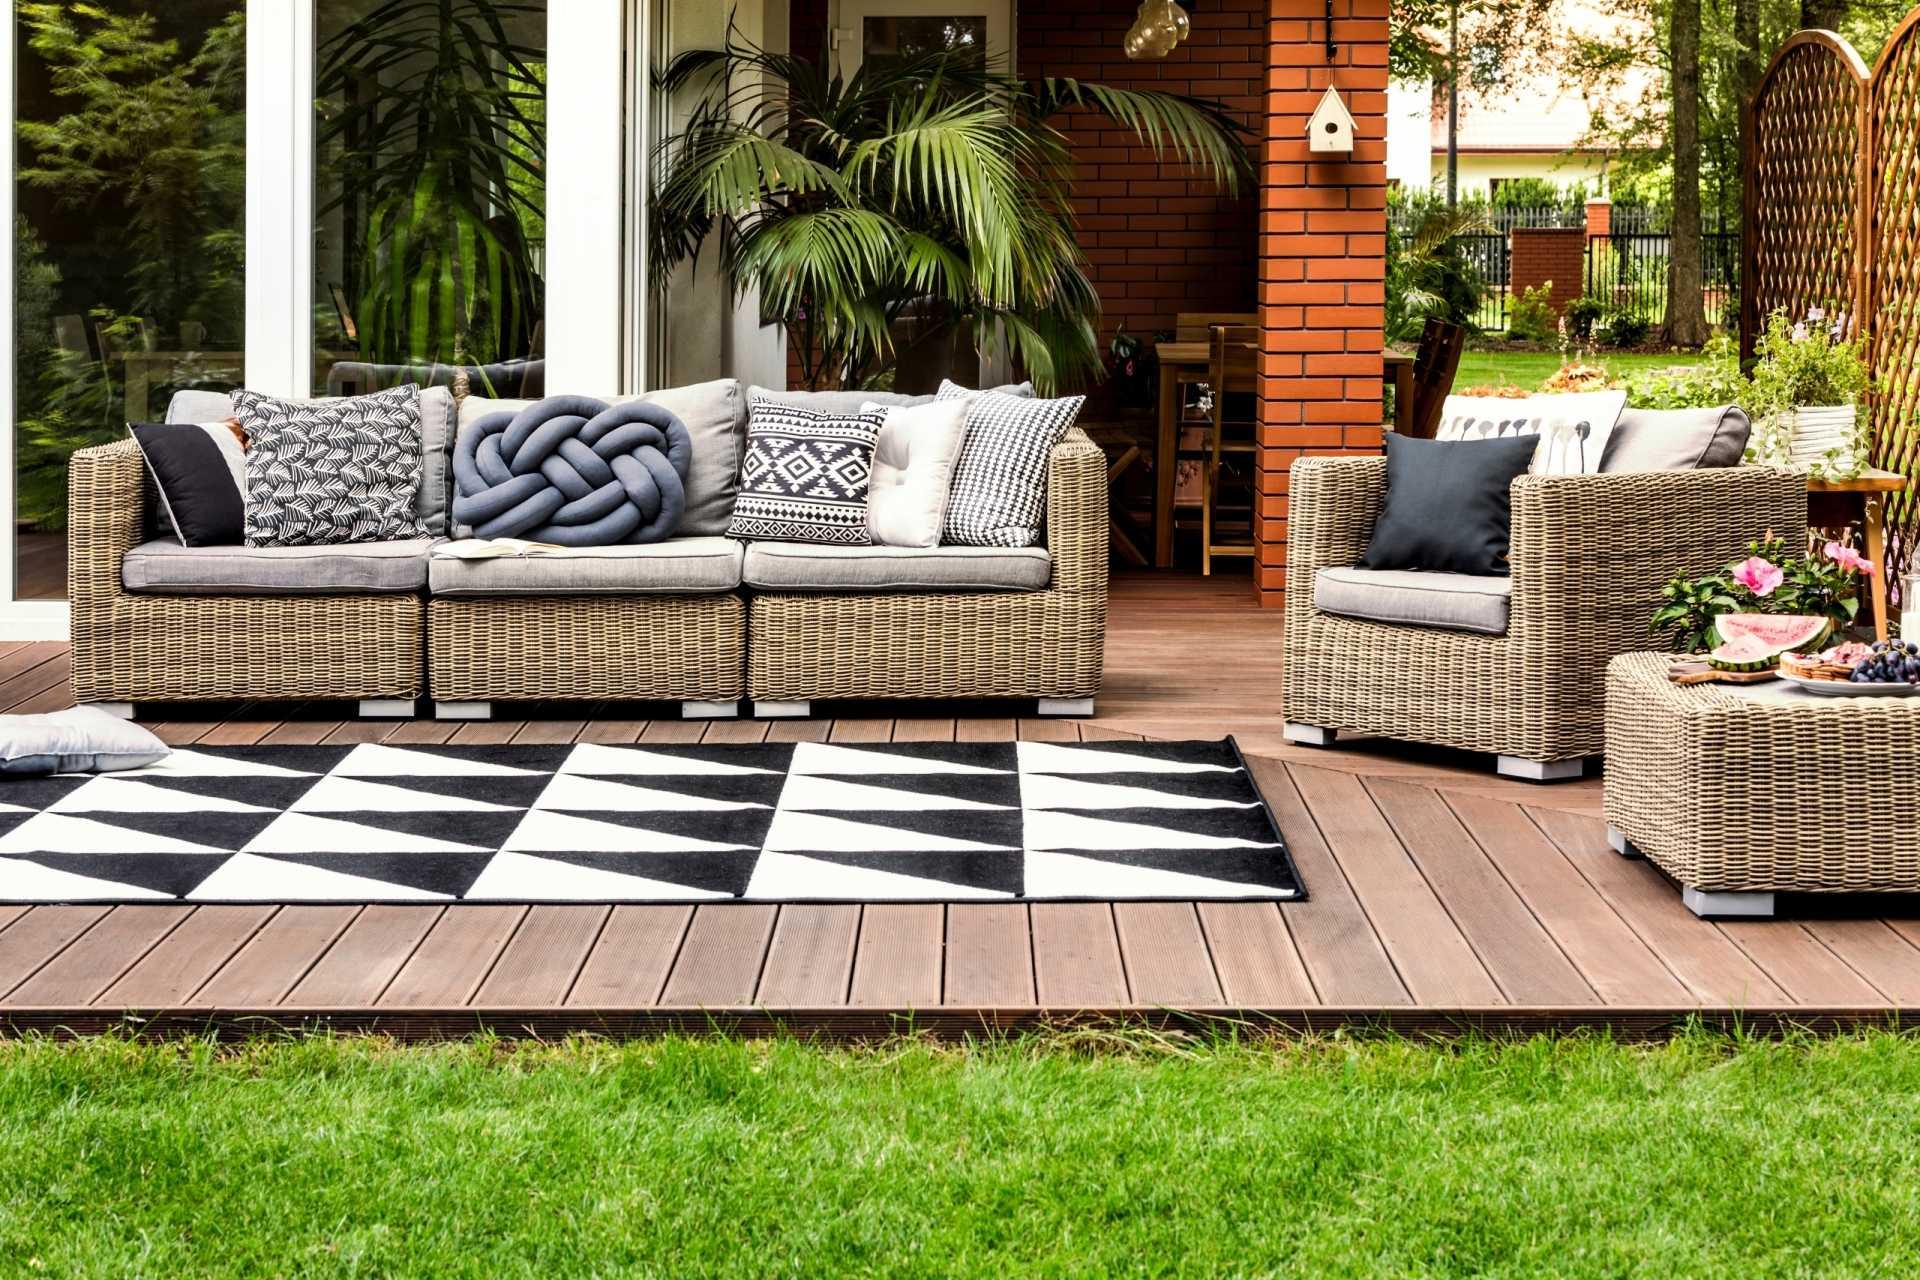 Gartenmöbel günstig kaufen – Preisvergleich